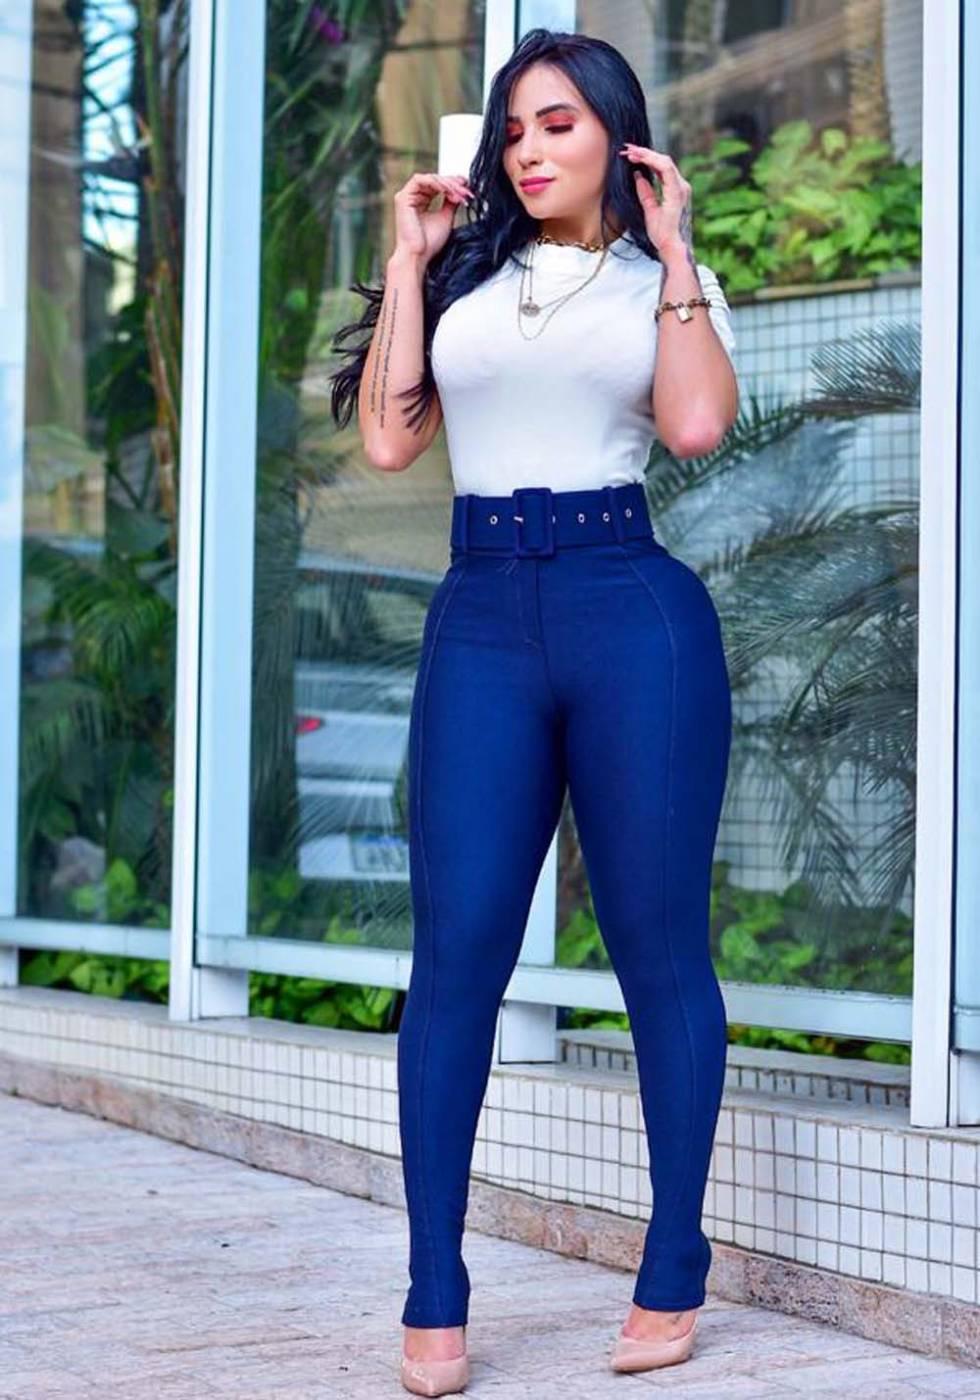 Calça Legging Modeladora com Cinto Azul - Empina Bumbum e Comprime a Barriga